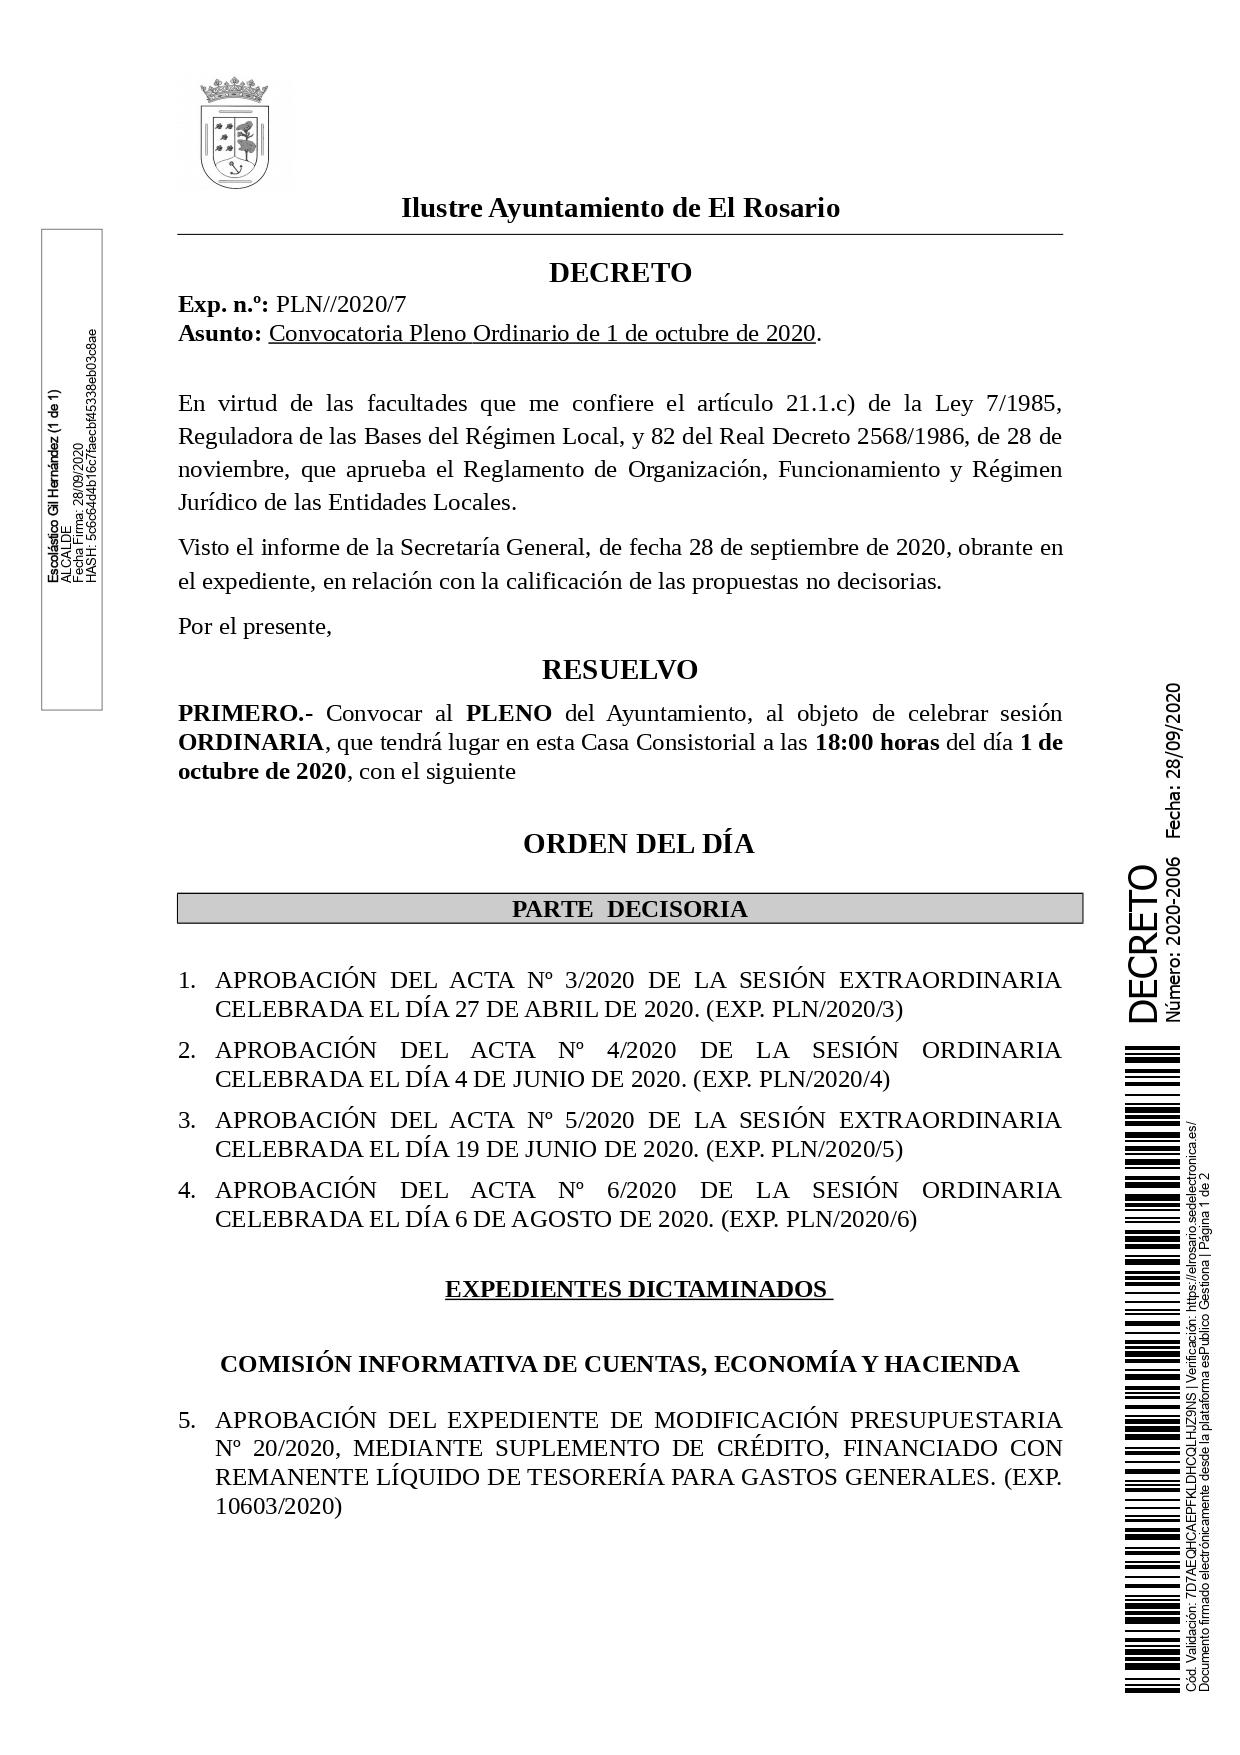 20200928_DECRETO 2020-2006 [Decreto Convocatoria Pleno Ordinario de 1 de octubre de 2020]_pages-to-jpg-0001